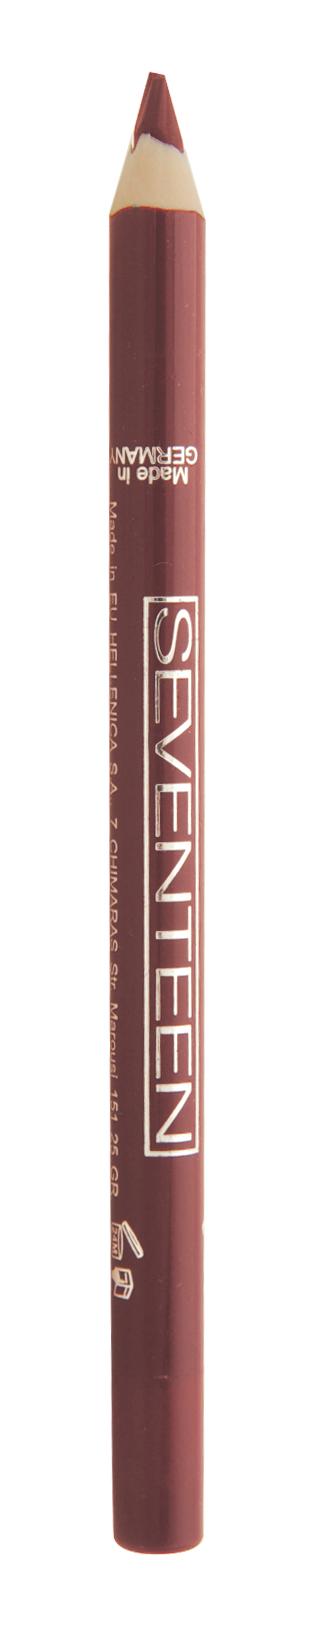 SEVENTEEN Карандаш для губ водостойкий с витамином Е, 05 персиковый / Super Smooth W/P Lip Liner 1,2 г косметические карандаши seventeen карандаш для губ водостойкий с витамином е super smooth w p lip liner 32